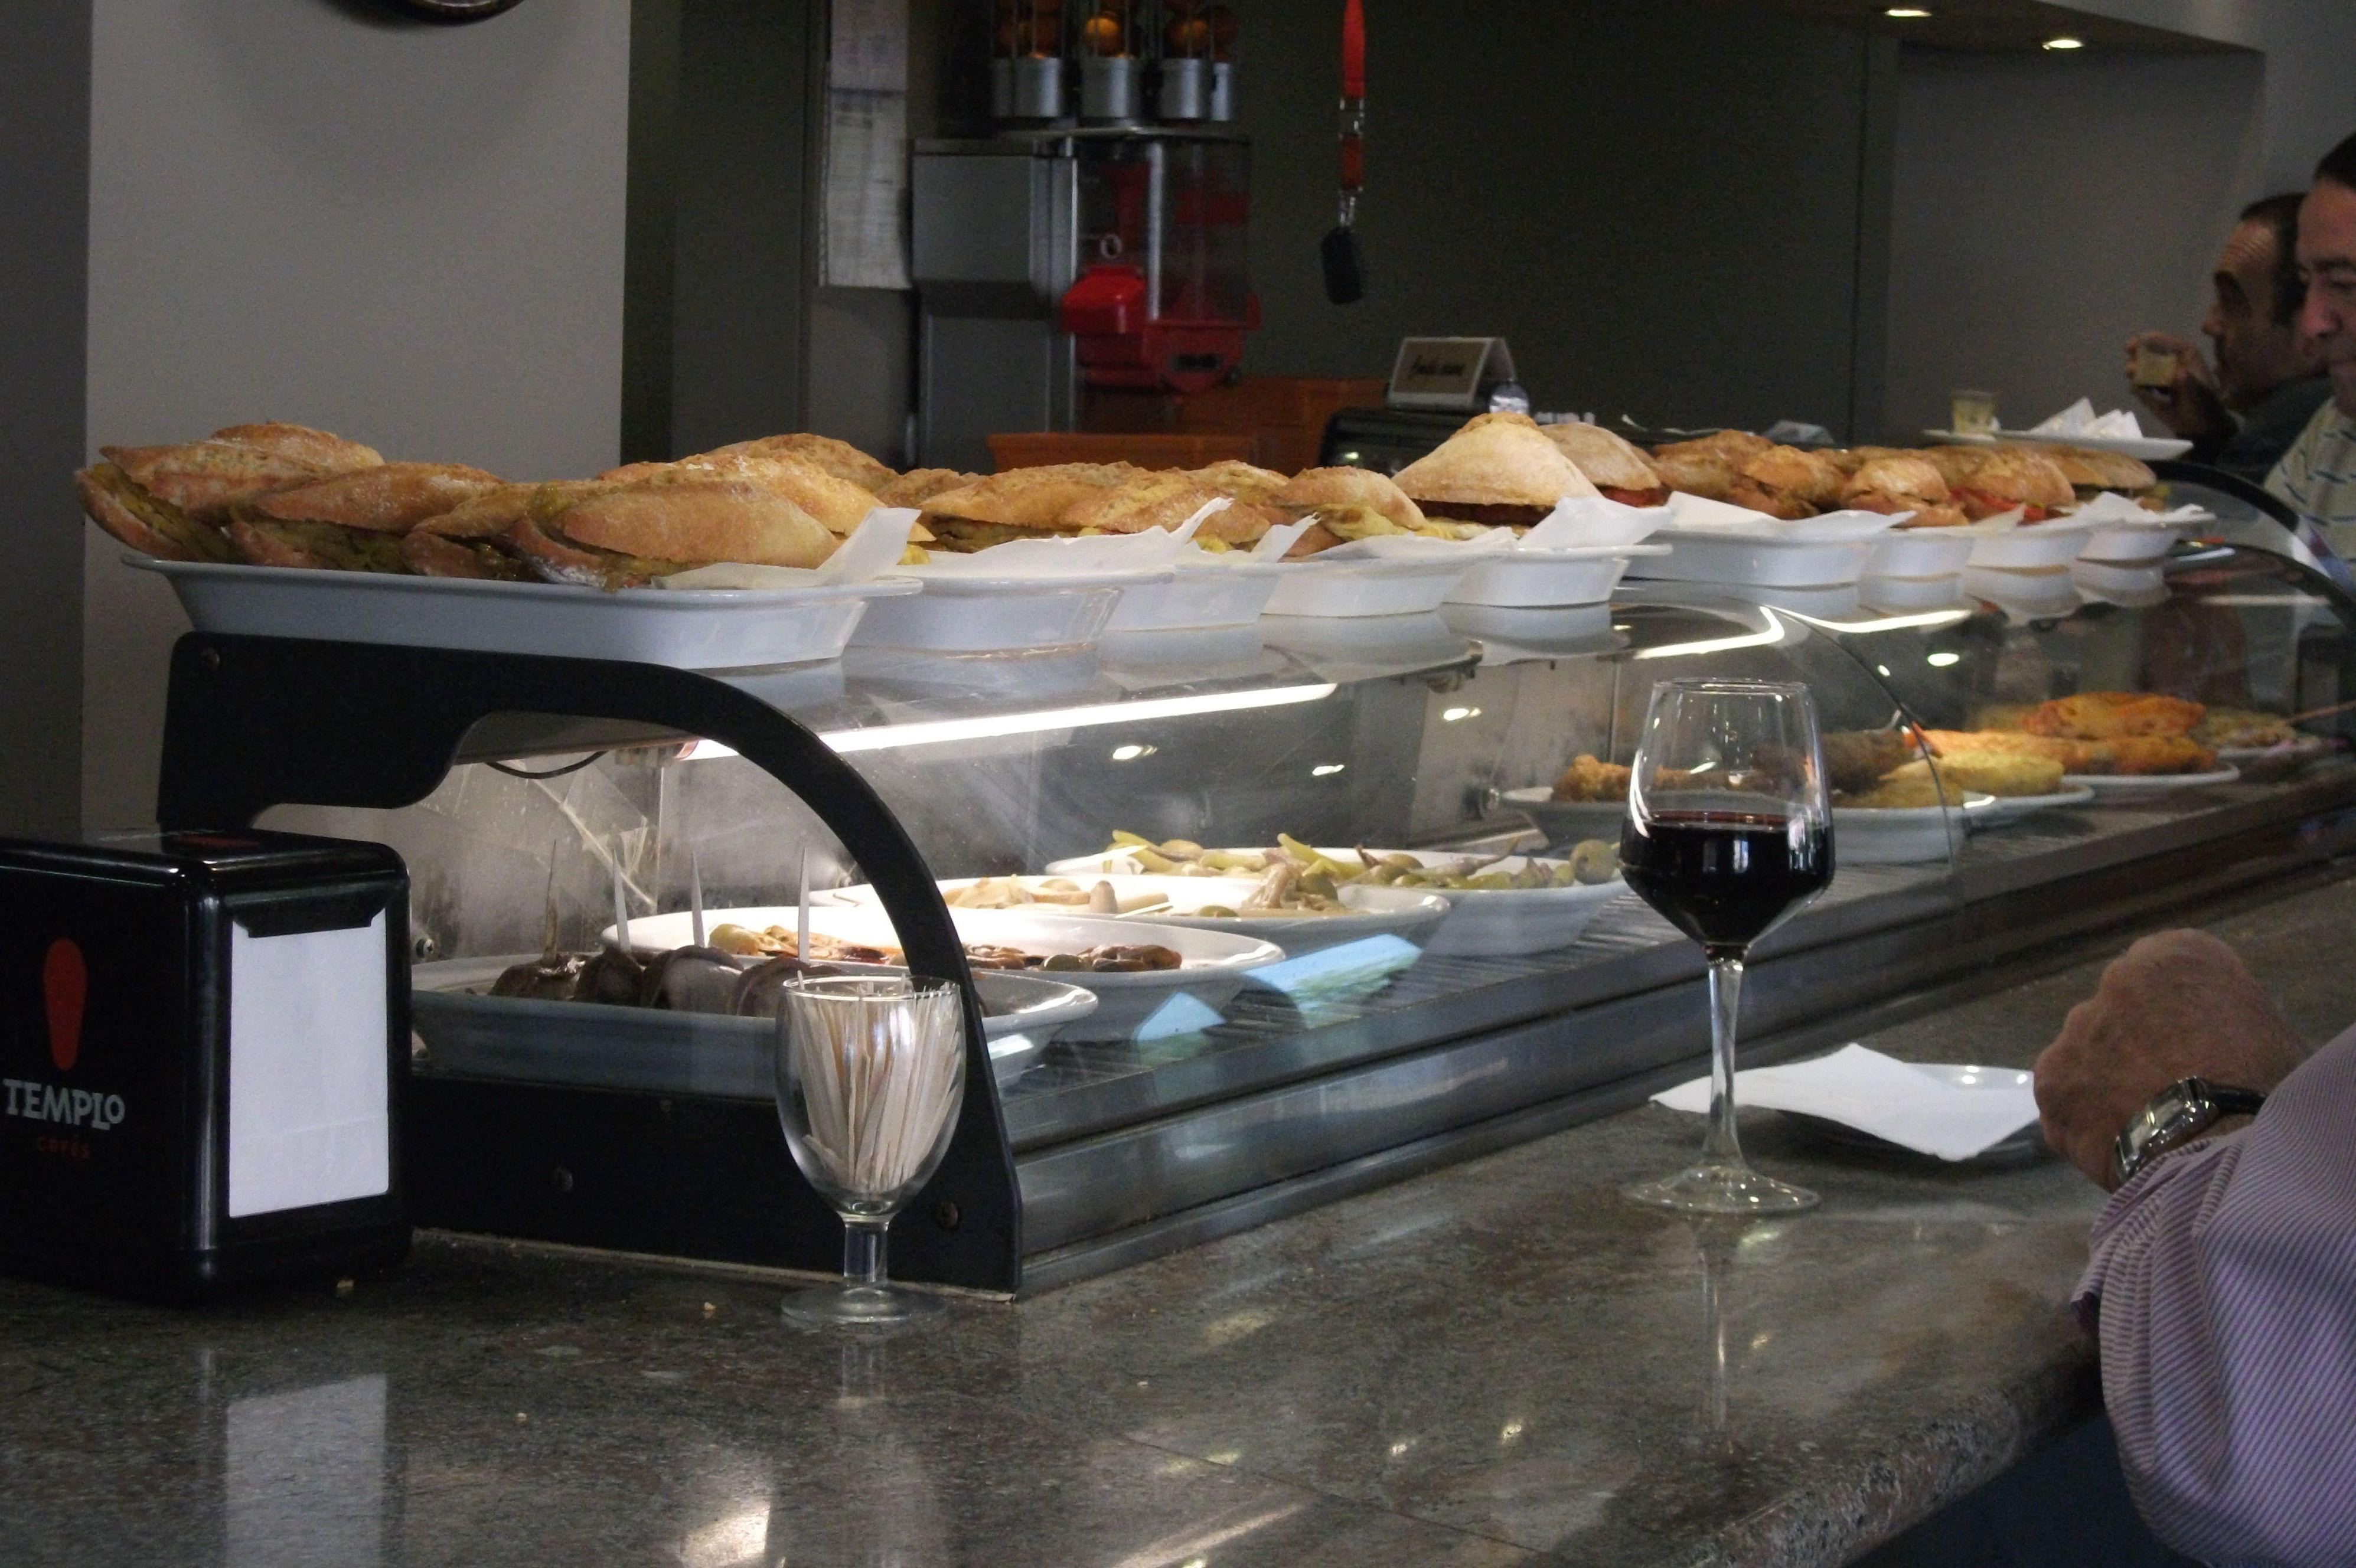 Barra de la cafetería en la estación de servicio